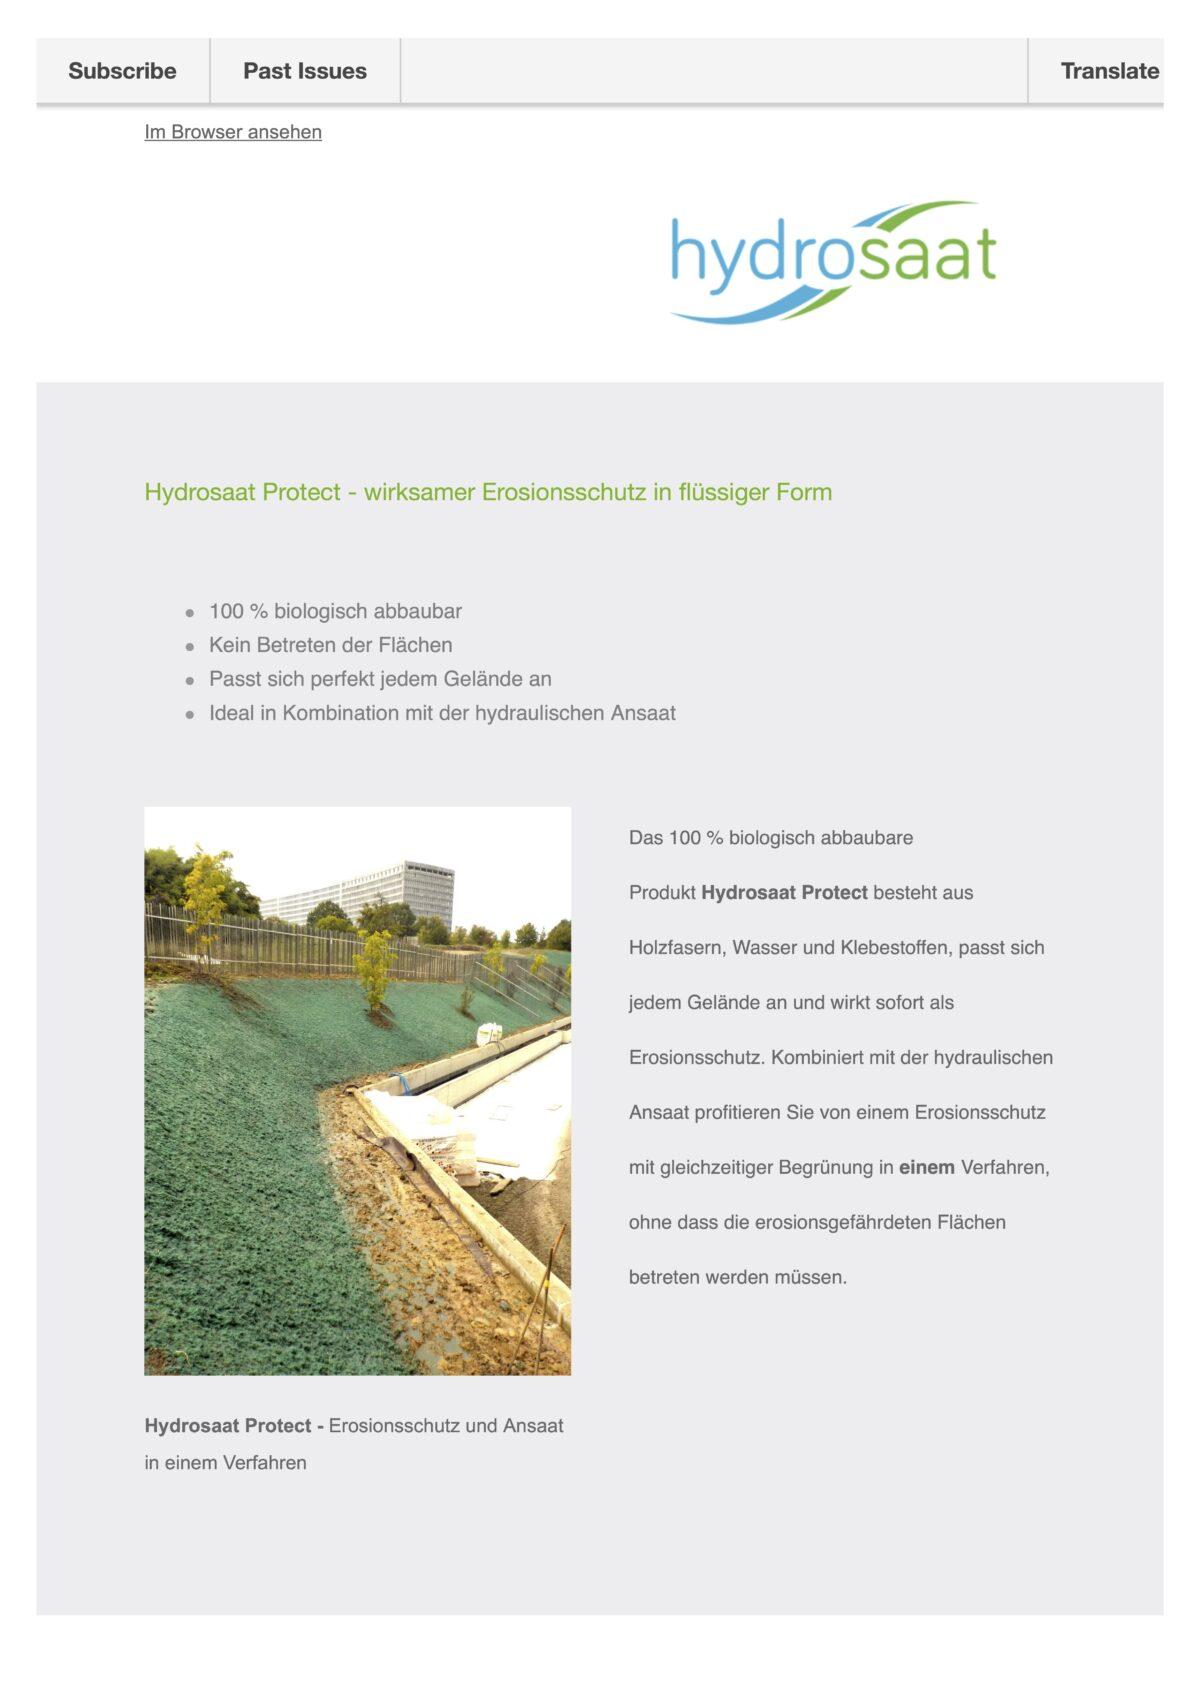 Hydrosaat Protect - der flüssige Erosionsschutz